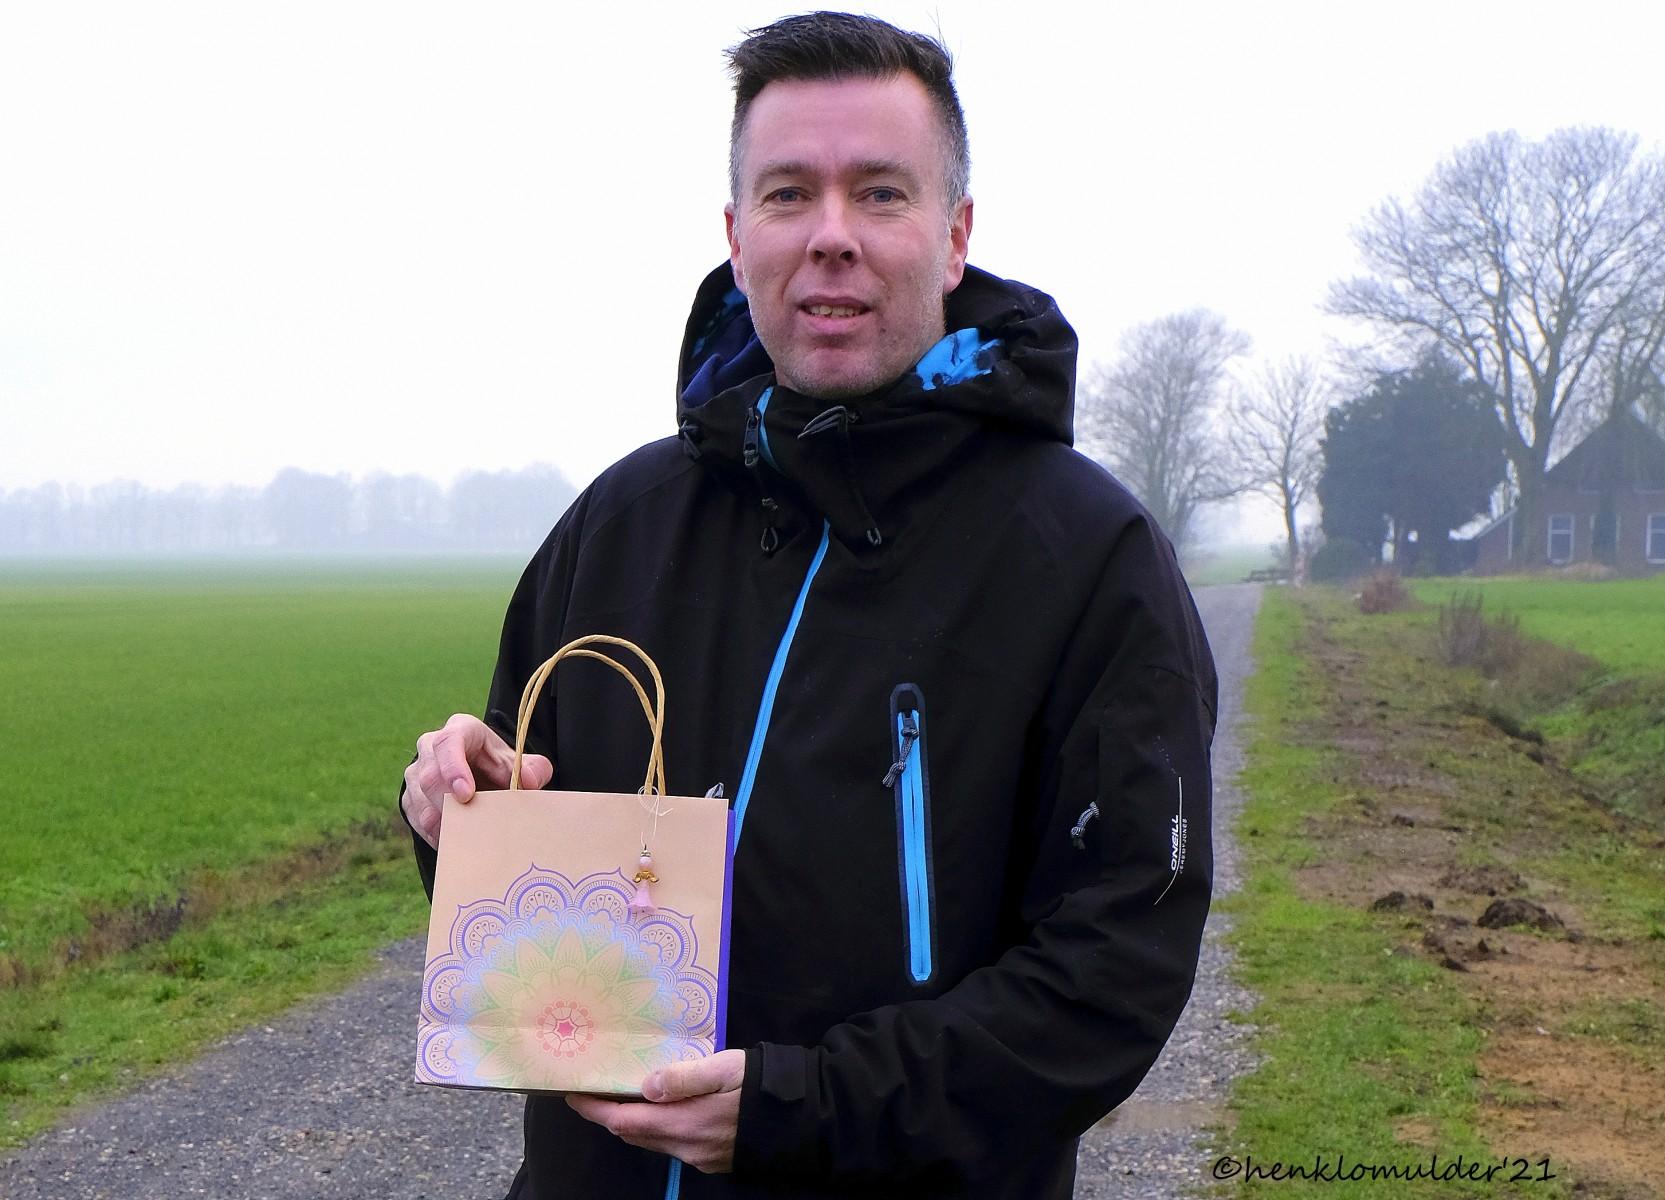 Foto van de prijsuitreiking van de fotowedstrijd van december 2020, door mw. Jenneke ten Napel van atelier Engel in Dalen aan de winnaar Arjen Esschendal uit Dalen.